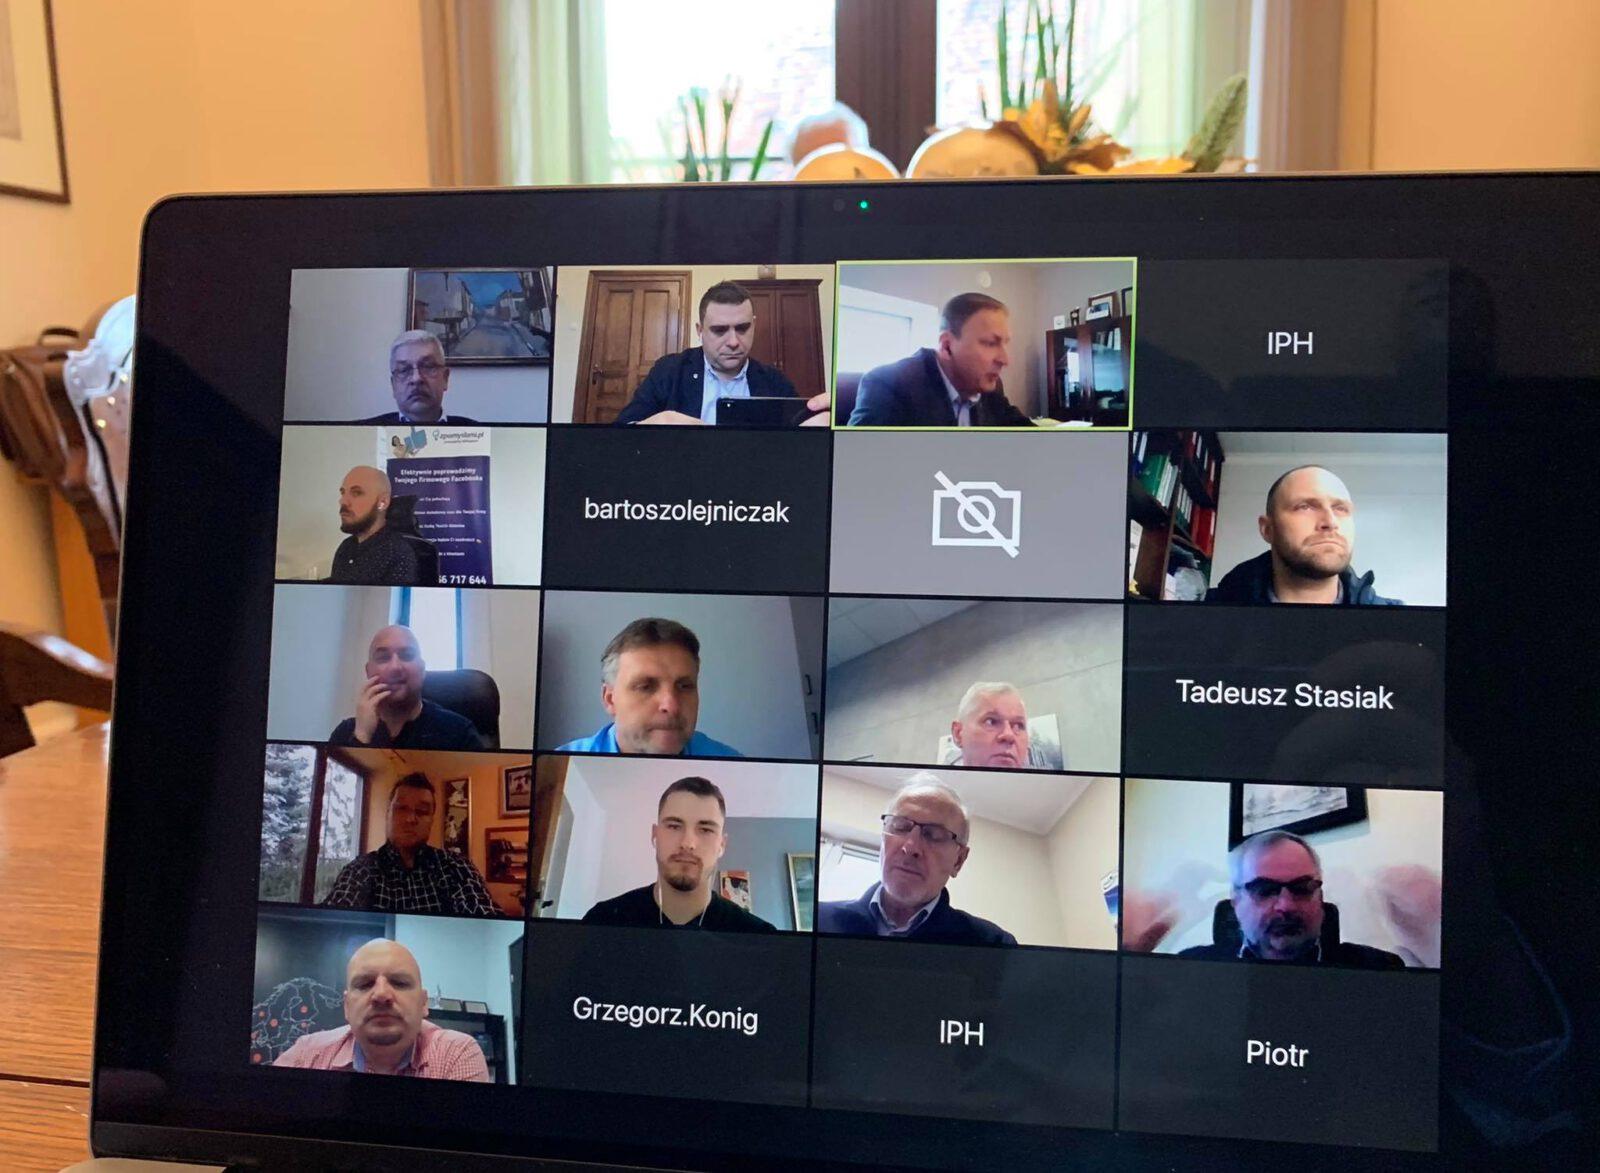 Uczestnicy konferencji online zorganizowanej przez IPH